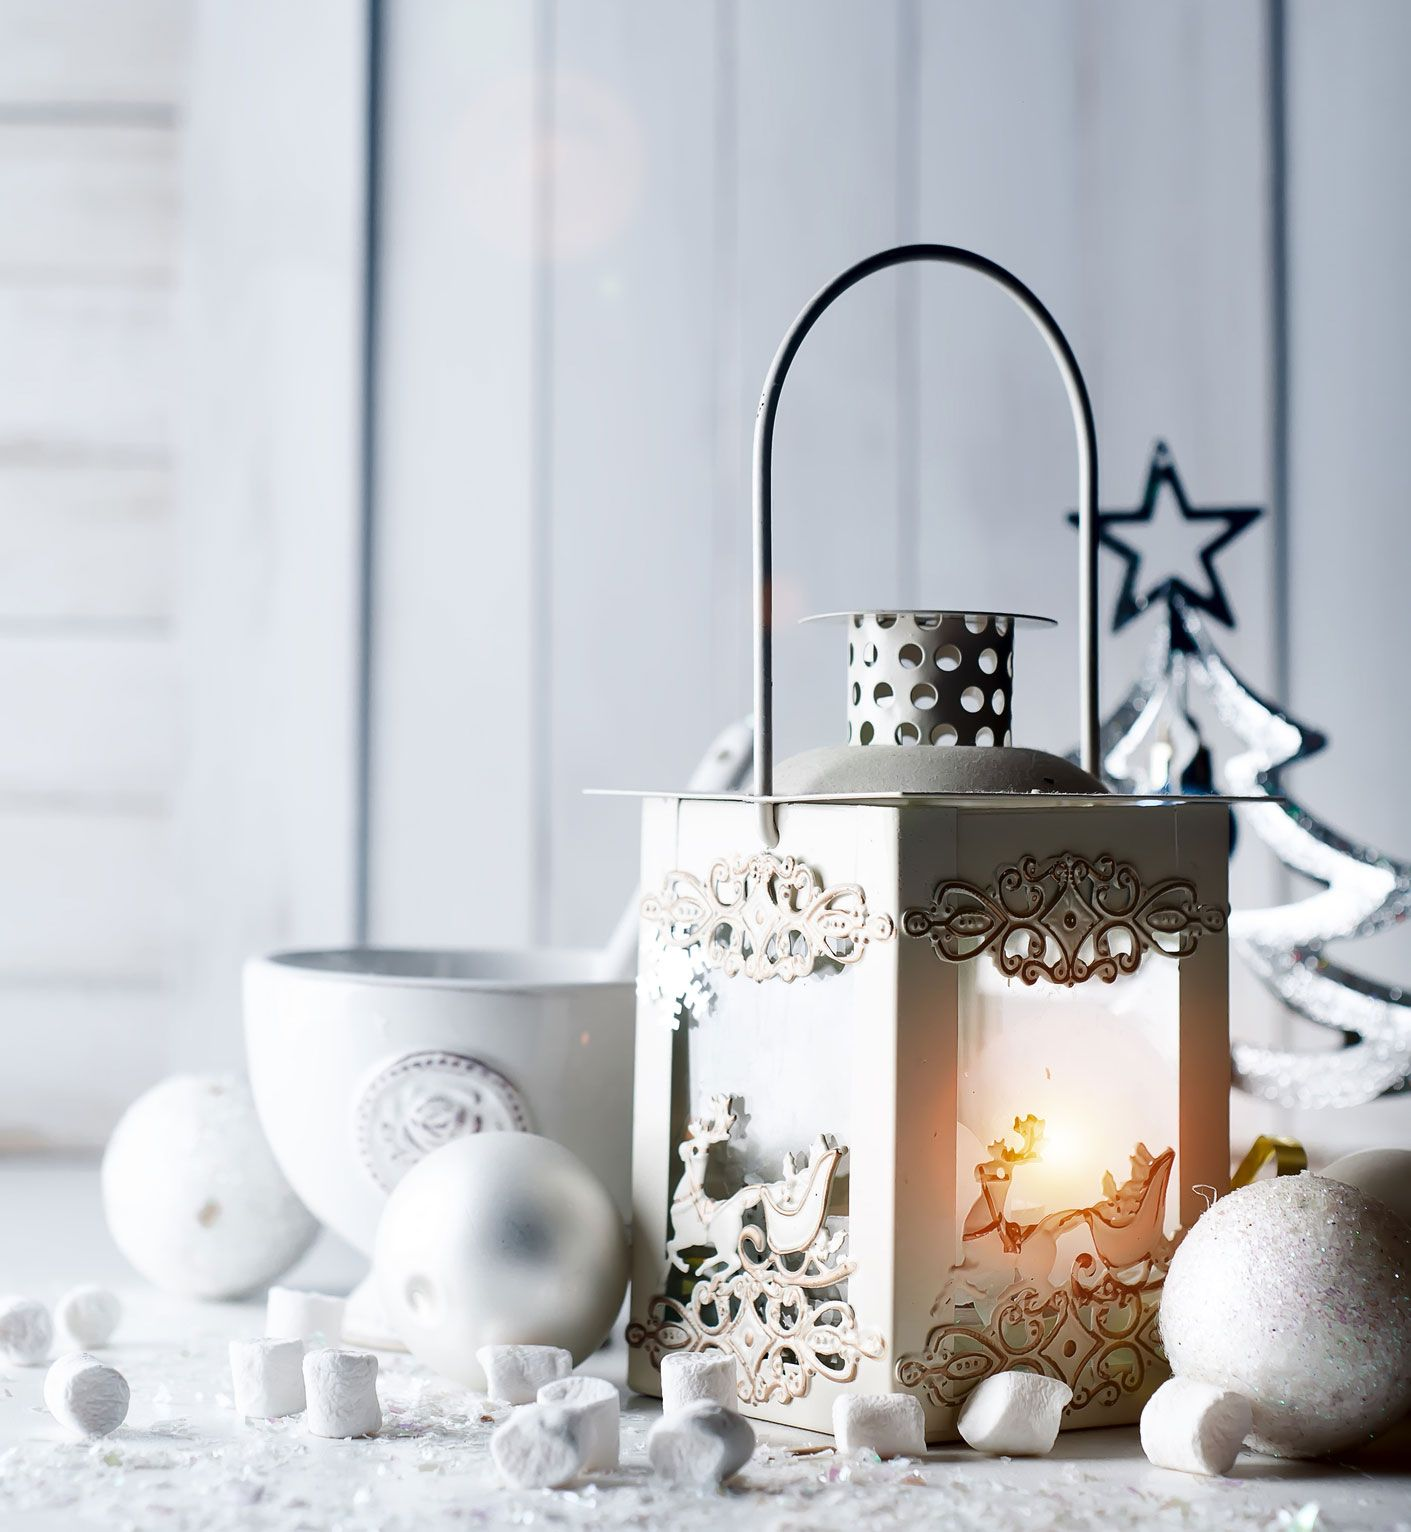 Iluminaci n navide a con farolillos de velas hogarmania - Farolillos para velas ...